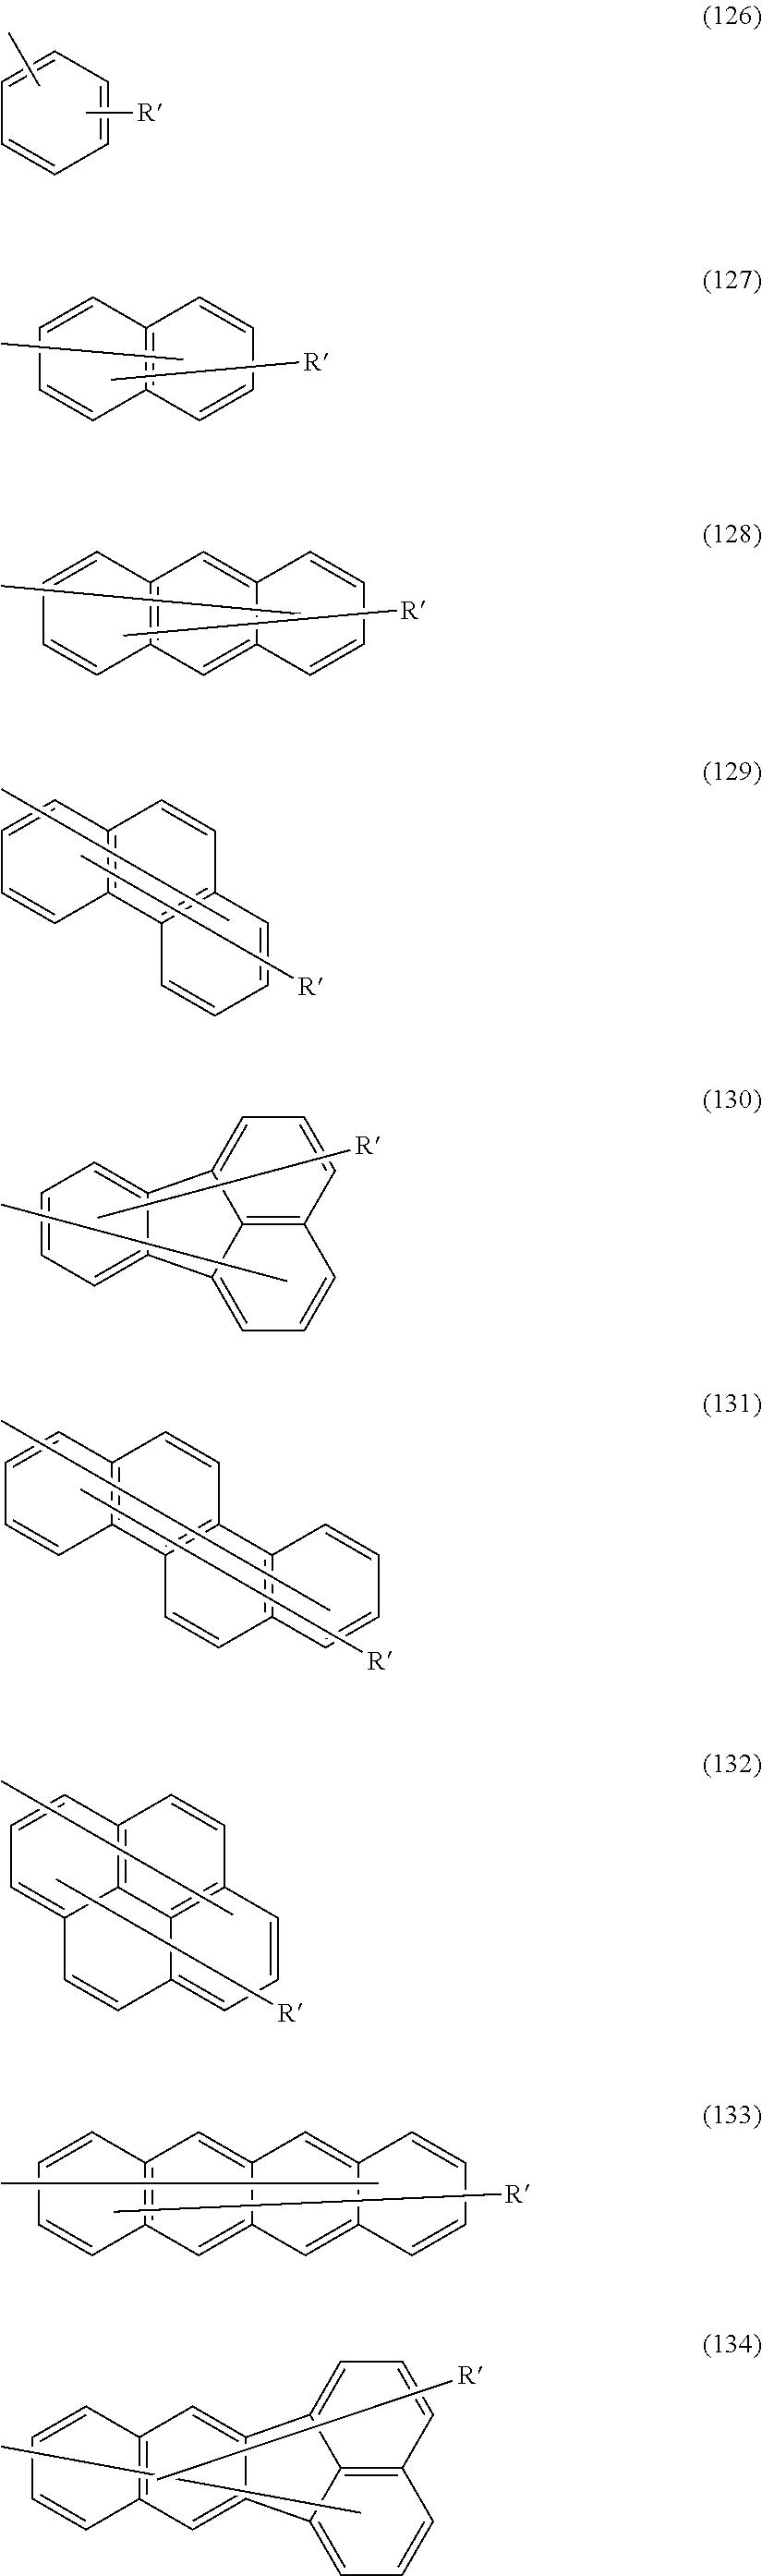 Figure US08154195-20120410-C00054